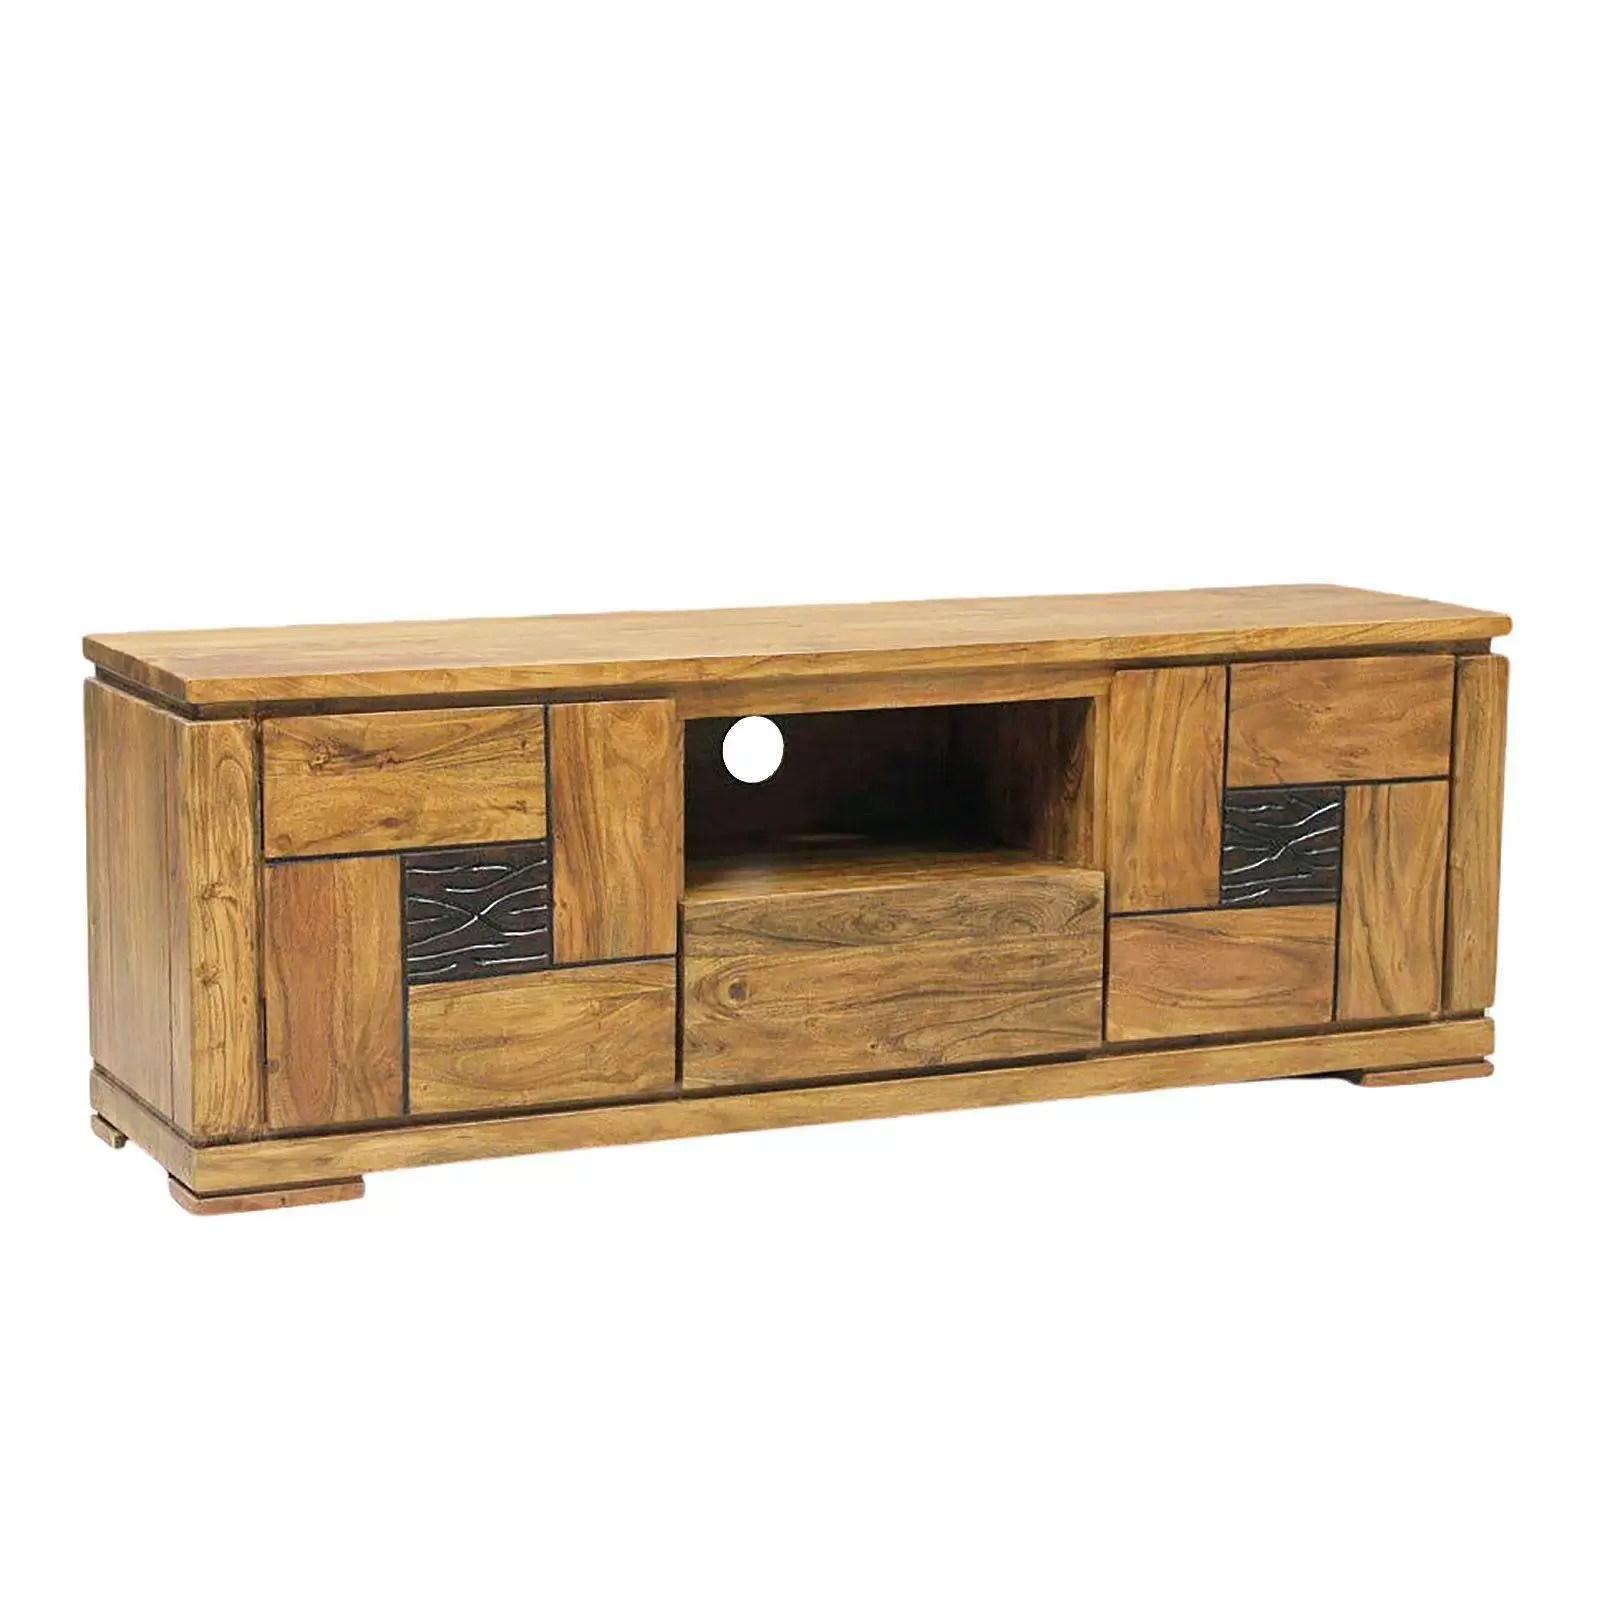 meuble tv maya ethnique chic en bois d acacia massif 2 portes et 3 tiroirs